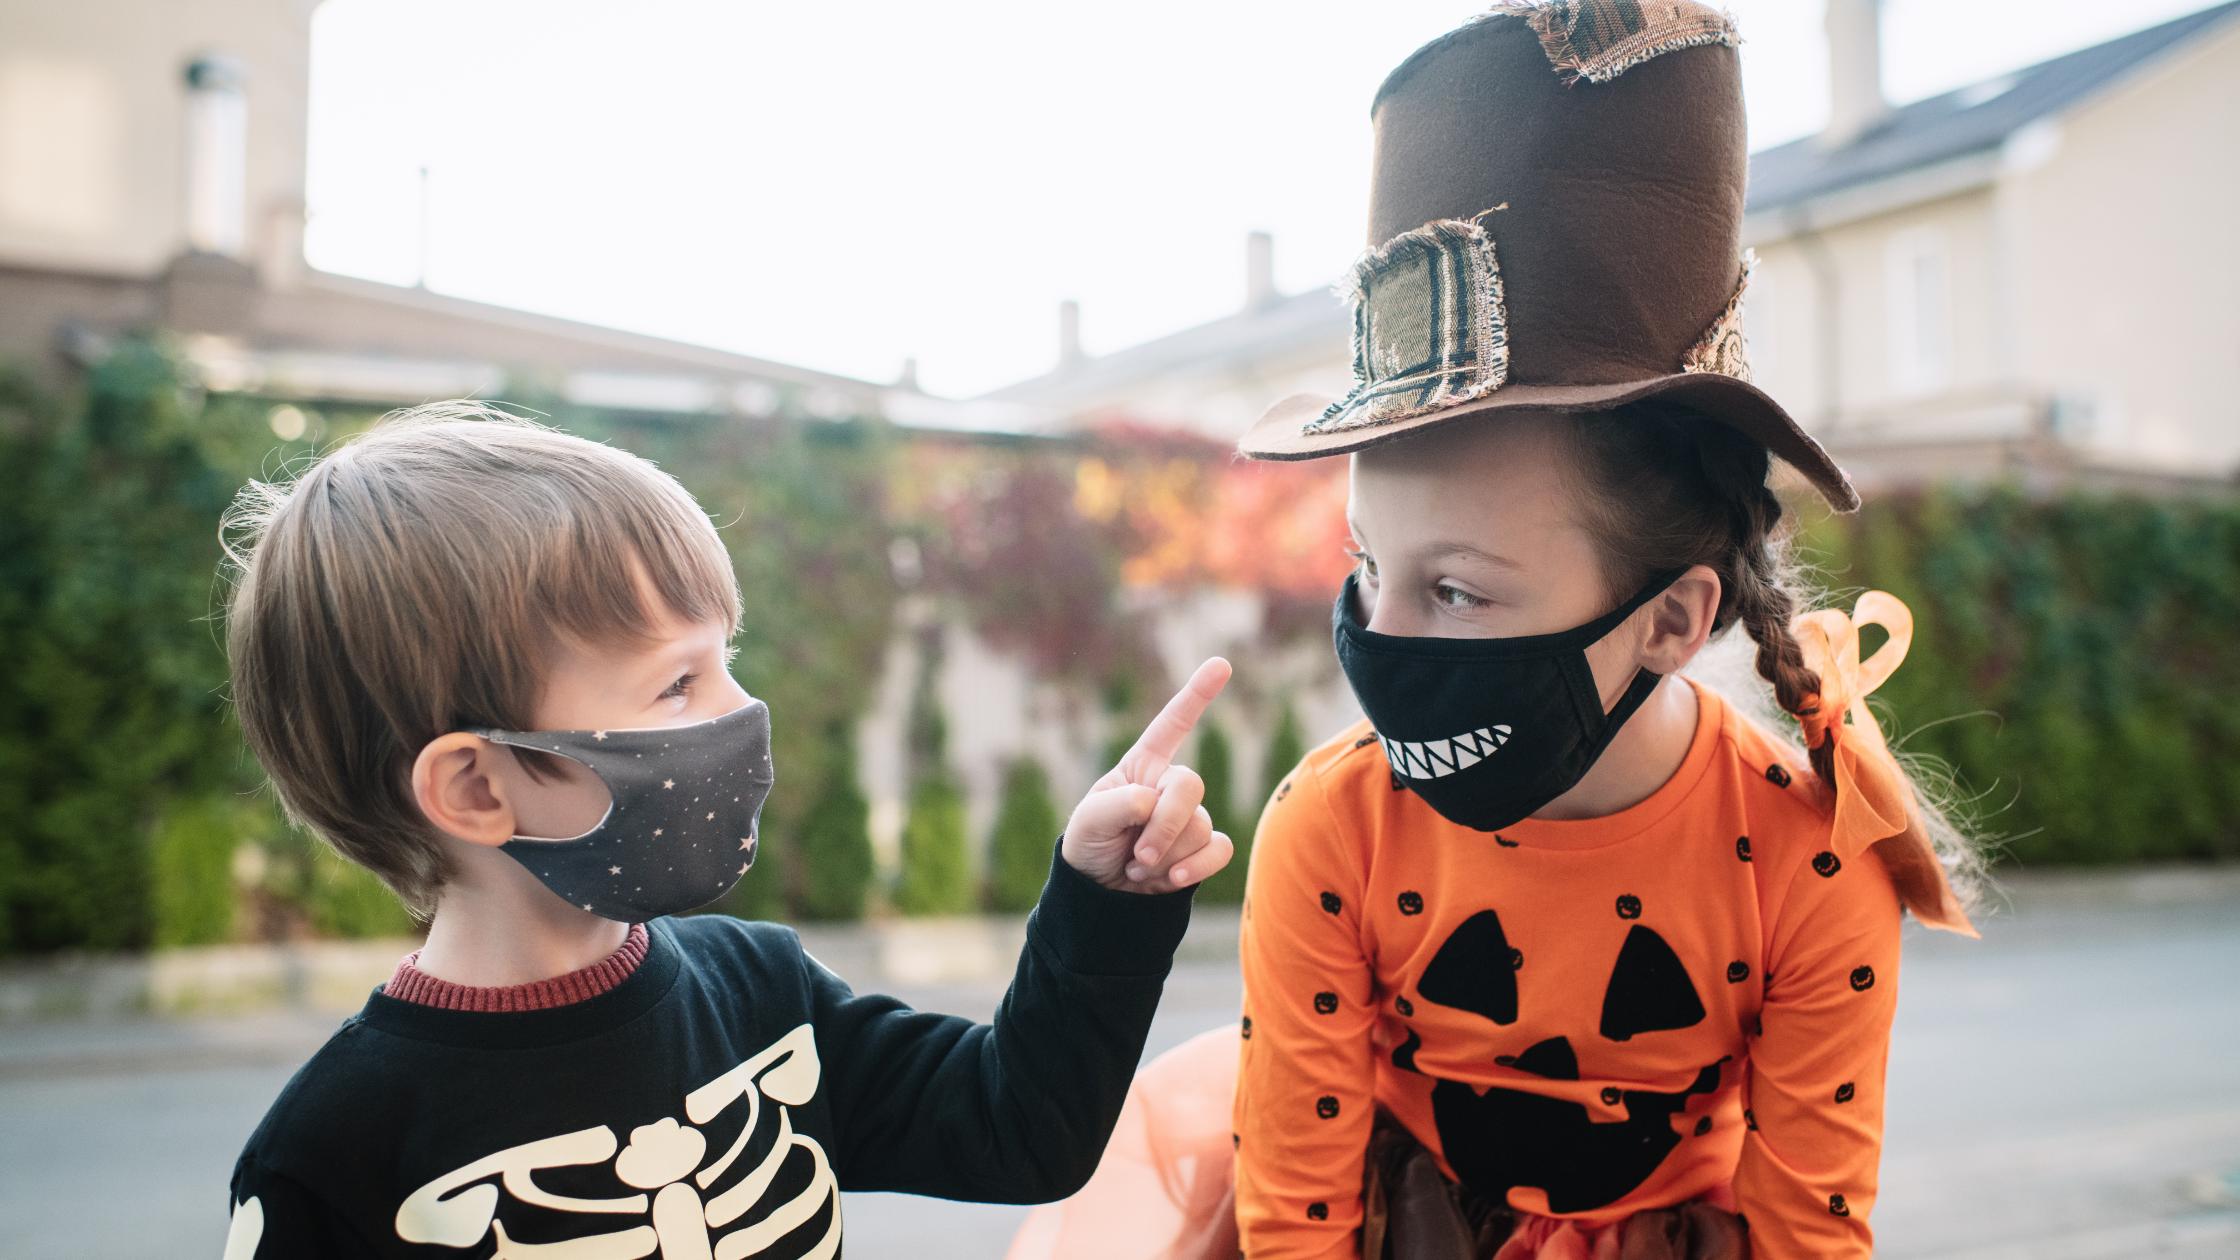 boy in skeleton shirt pointing at girl in pumpkin shirt